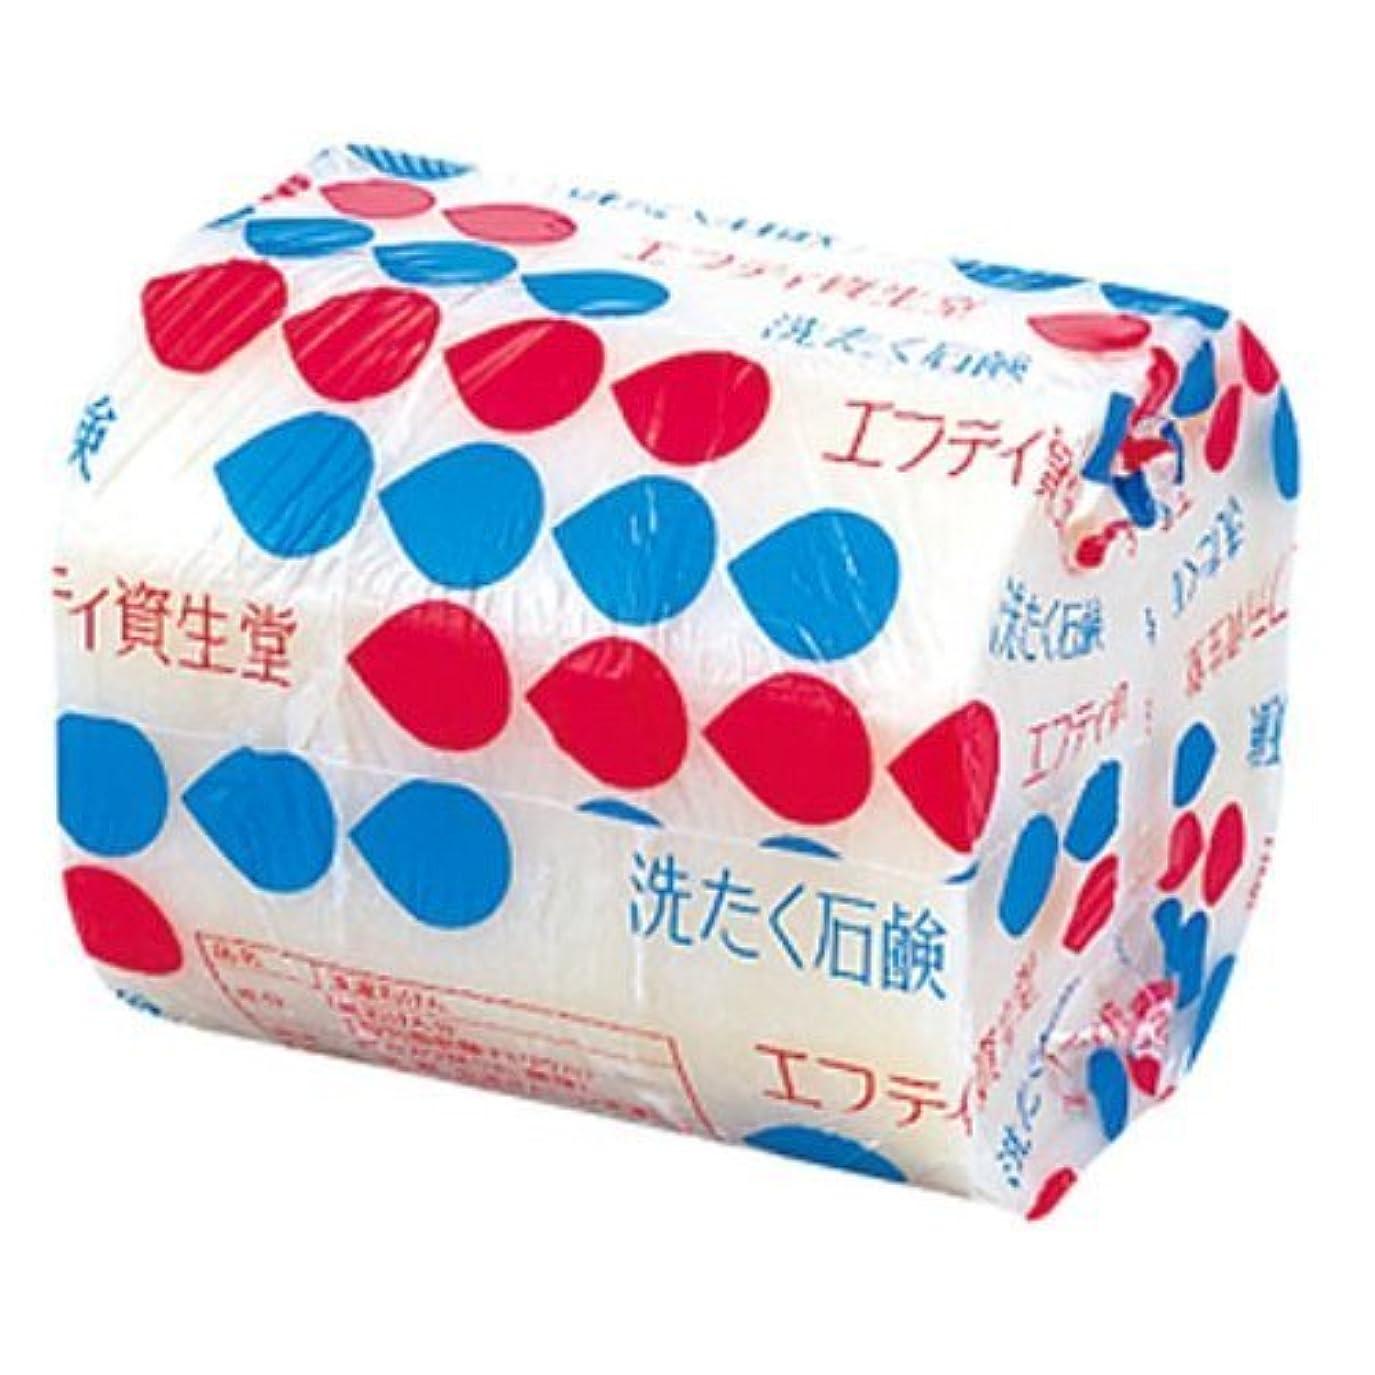 ベジタリアン壊滅的な痛い【資生堂】エフティ資生堂洗たく石鹸花椿型3コパック200g